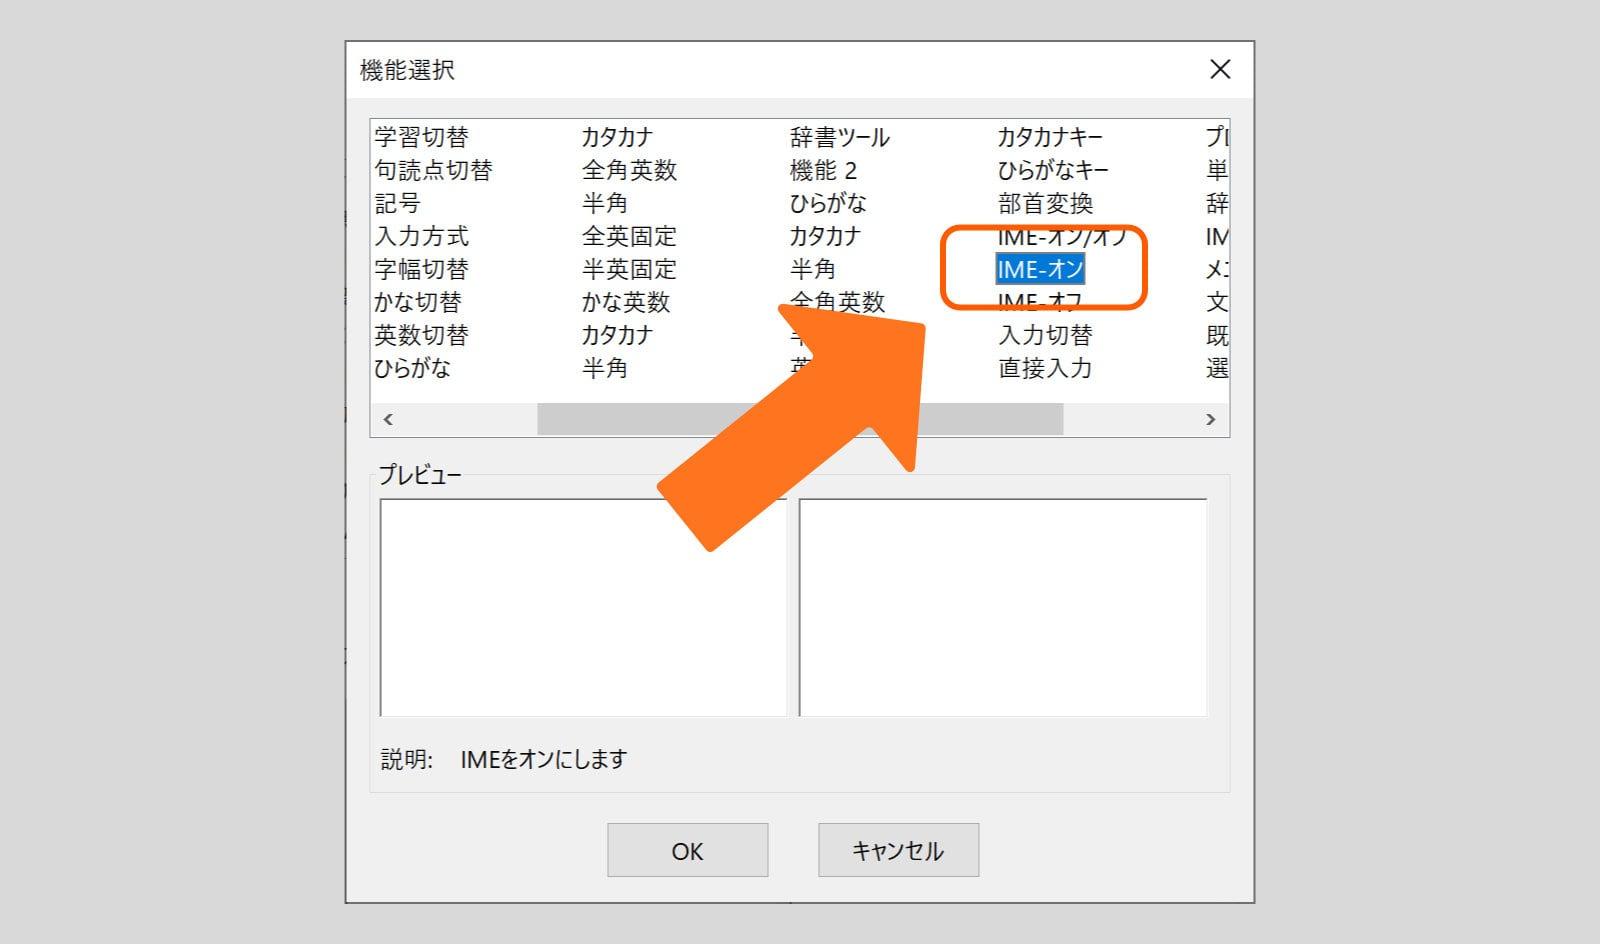 機能選択画面のキャプチャ画像。IME-オンが選択されてハイライトされている状態